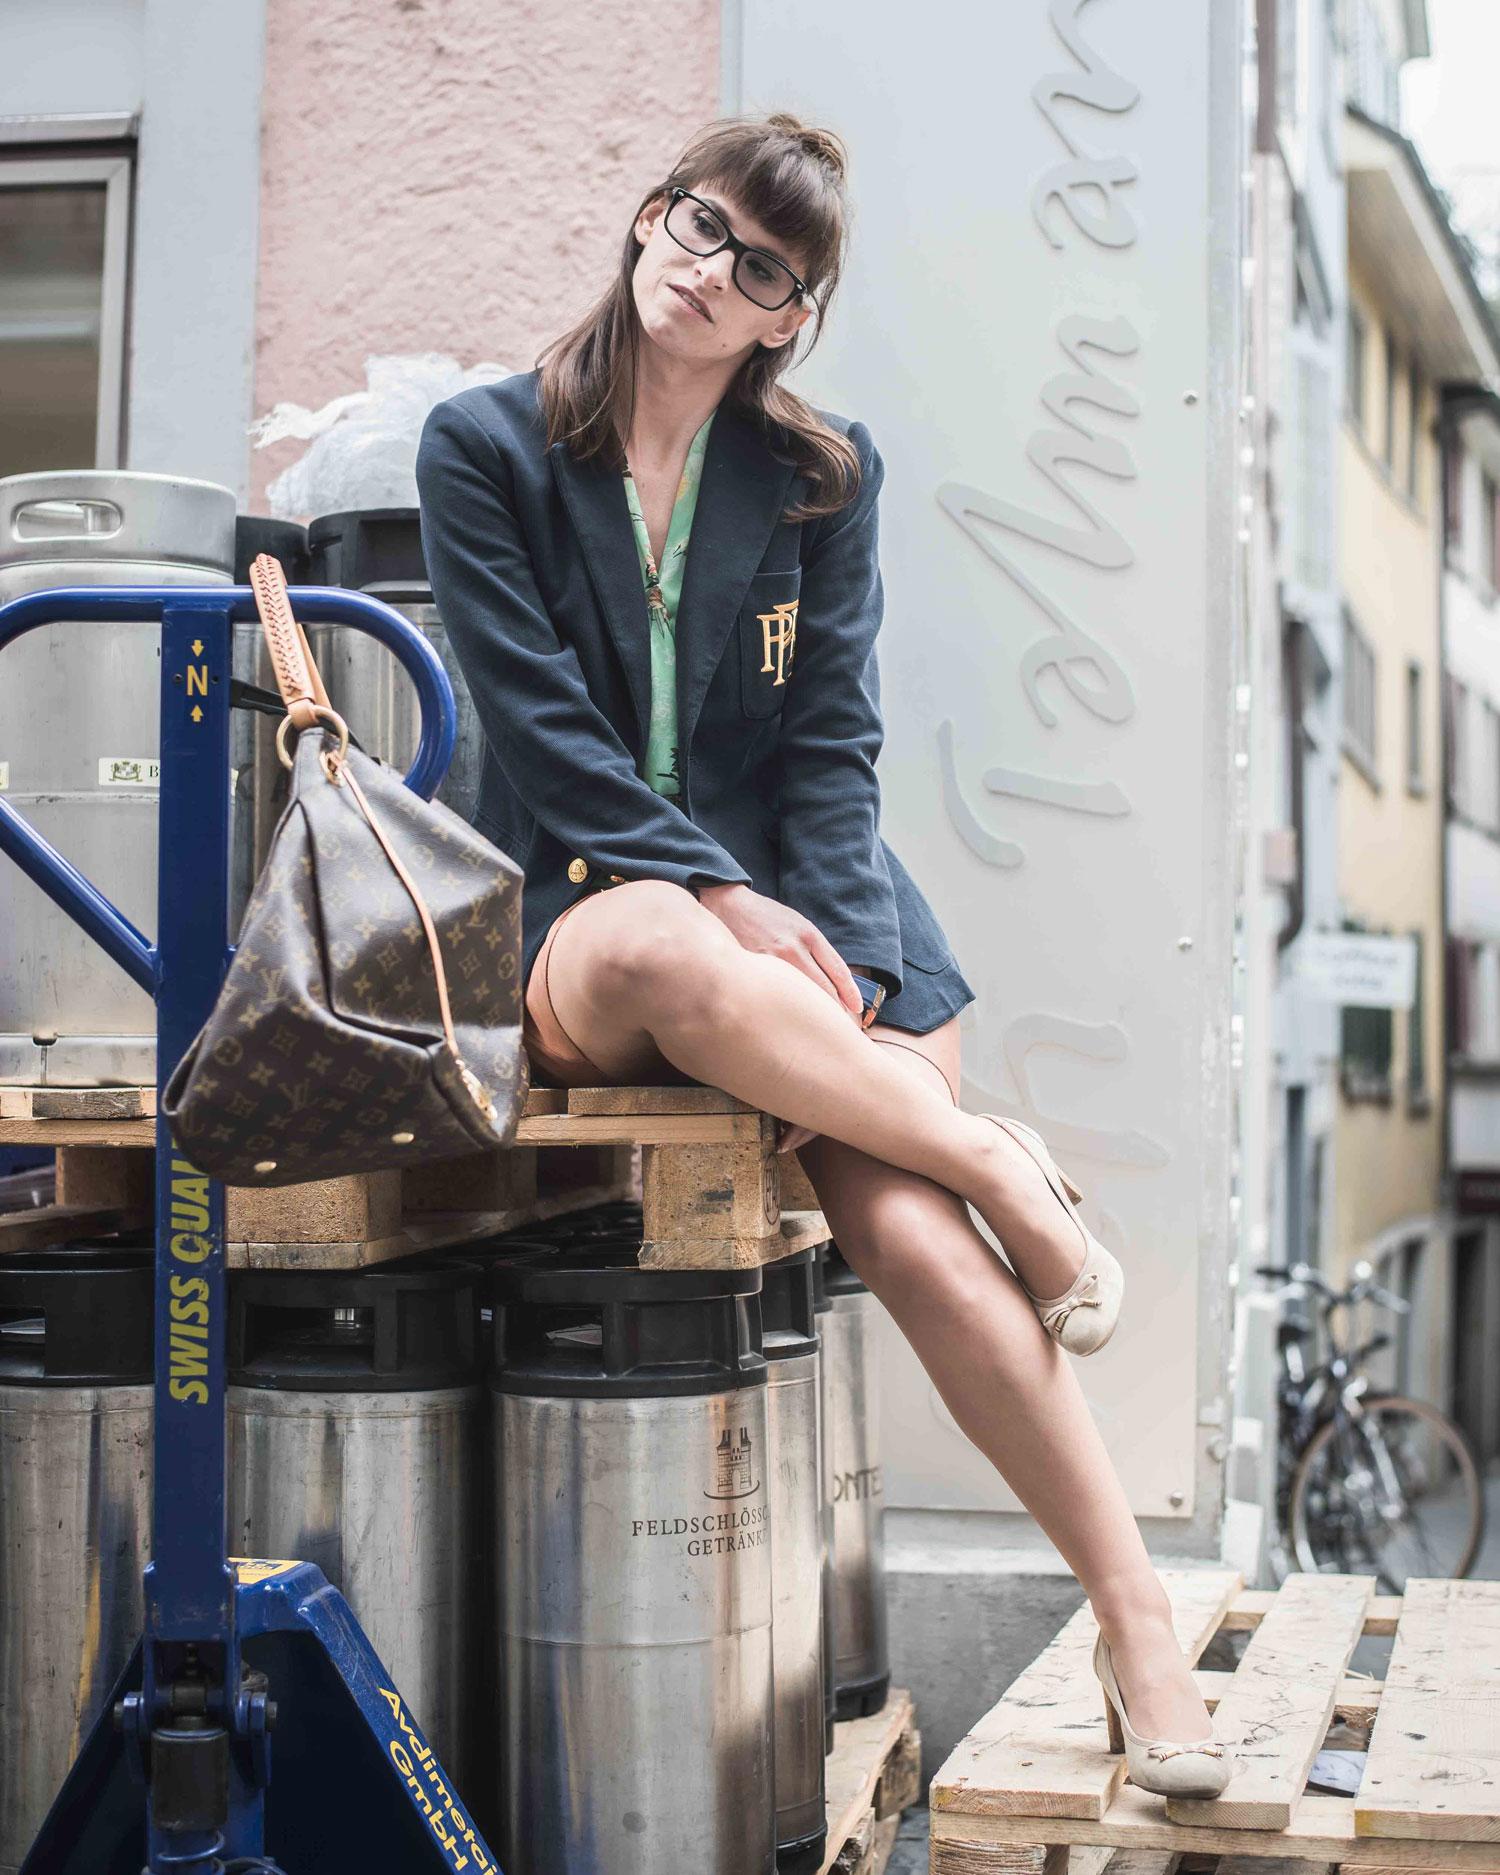 It-Bag: Transpartentes Top von Zara, Wildleaderrock von Hallhuber, Blazer von Polo Ralpf Lauren, Schuhe von Tommy Hilfiger, Tasche von Louis Vuitton, Louis Vuitton Artsy MM in Monogram Canvas